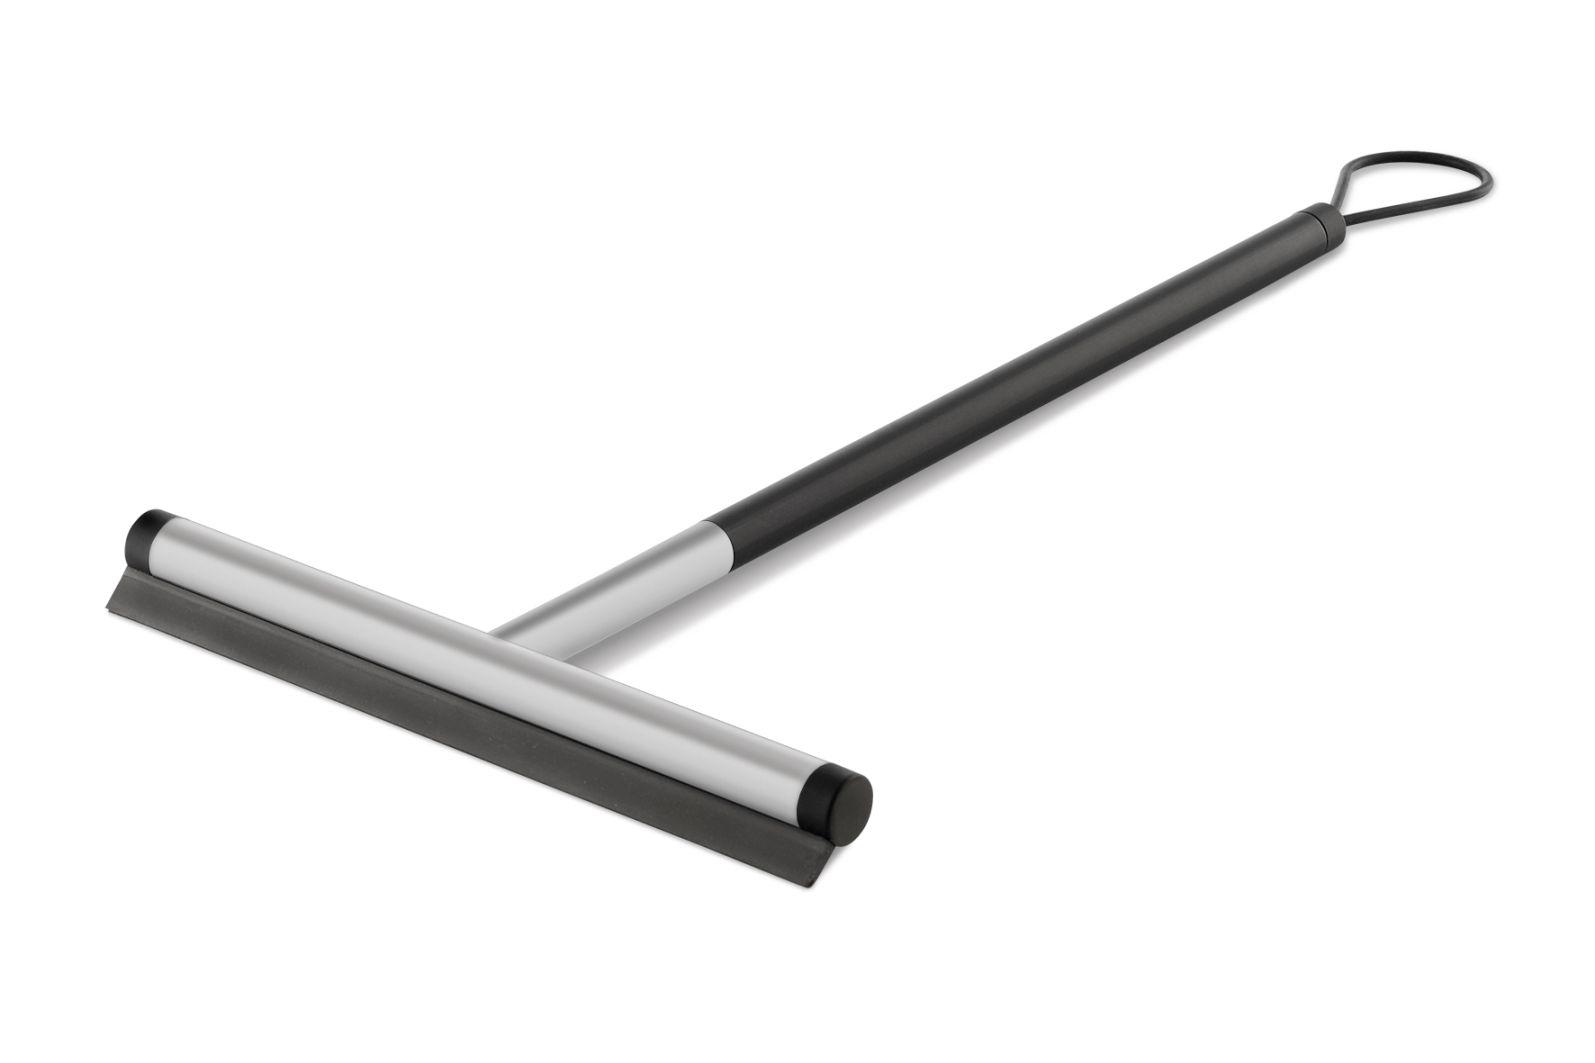 Koupelnová stěrka JAZ, 41 cm - ZACK